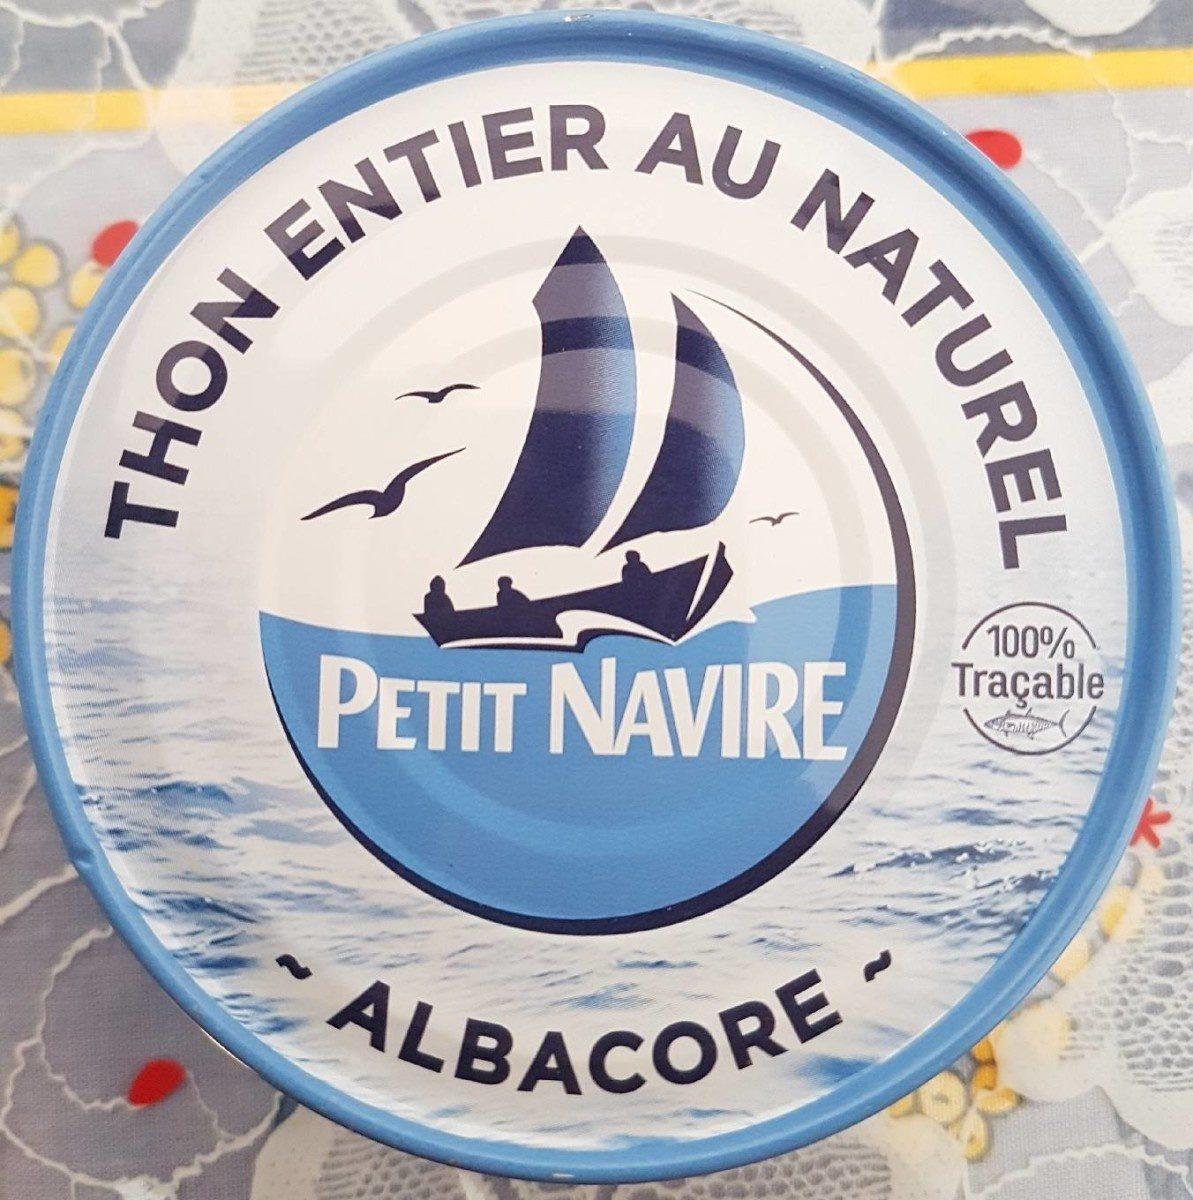 Thon entier au naturel x 4 - Product